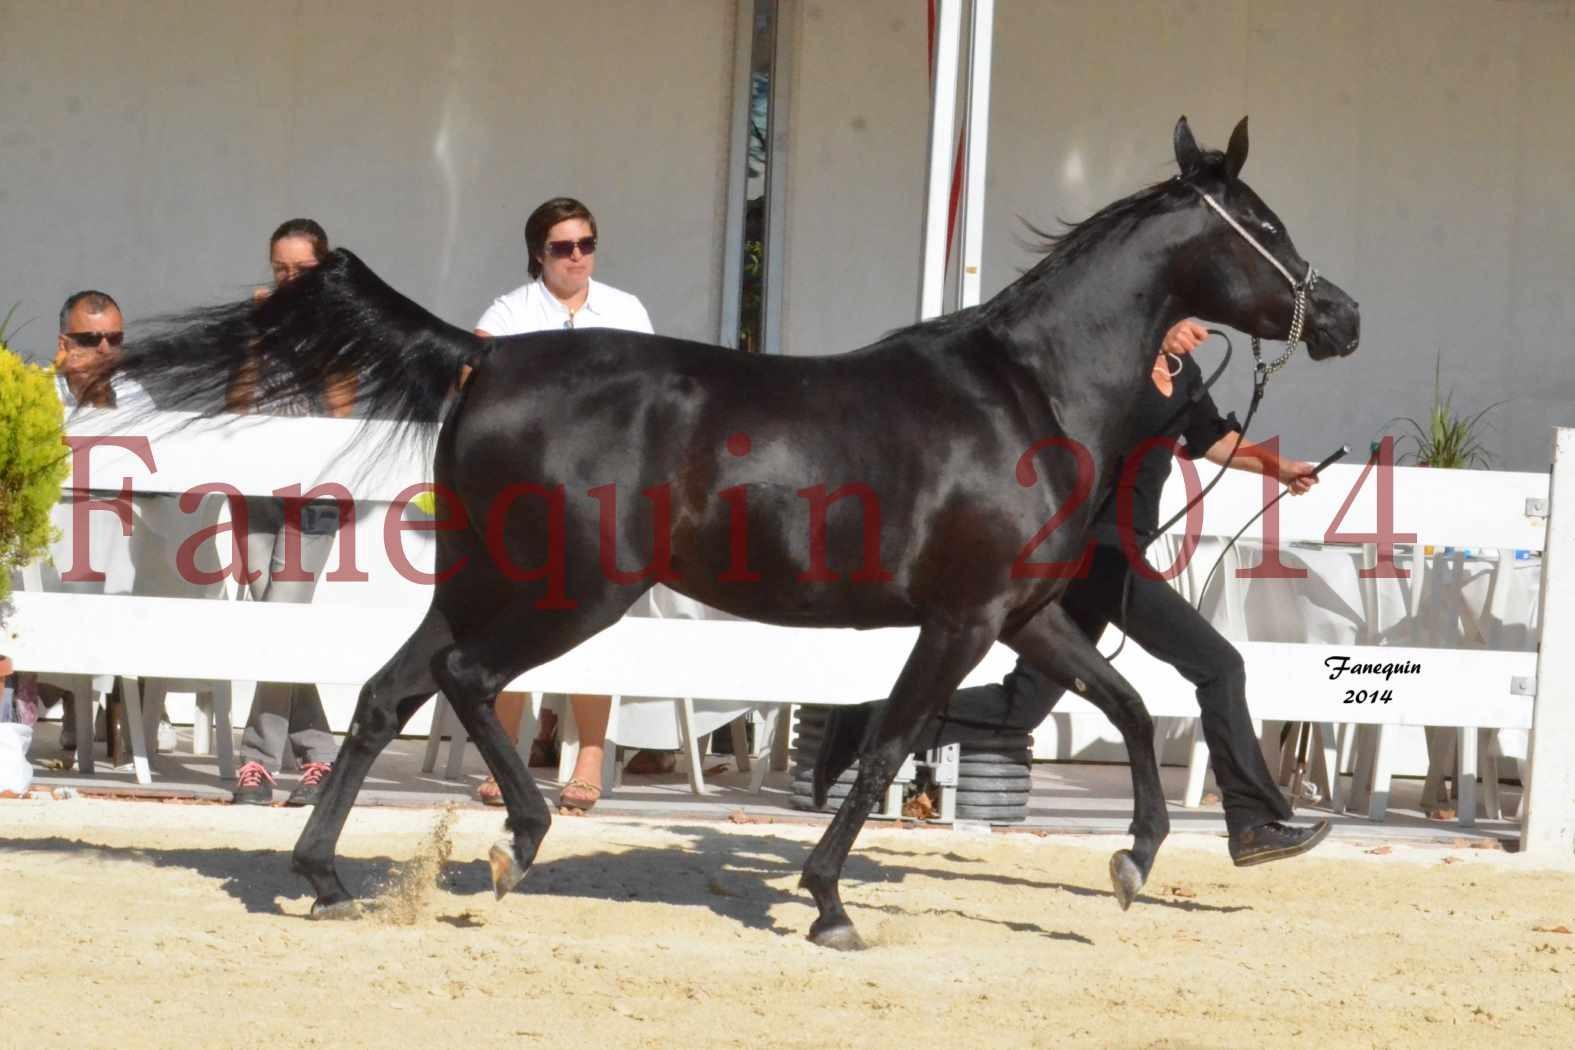 Concours National de Nîmes de chevaux ARABES 2014 - Notre Sélection - COLKAZEENIA DU SOLEIL - 4